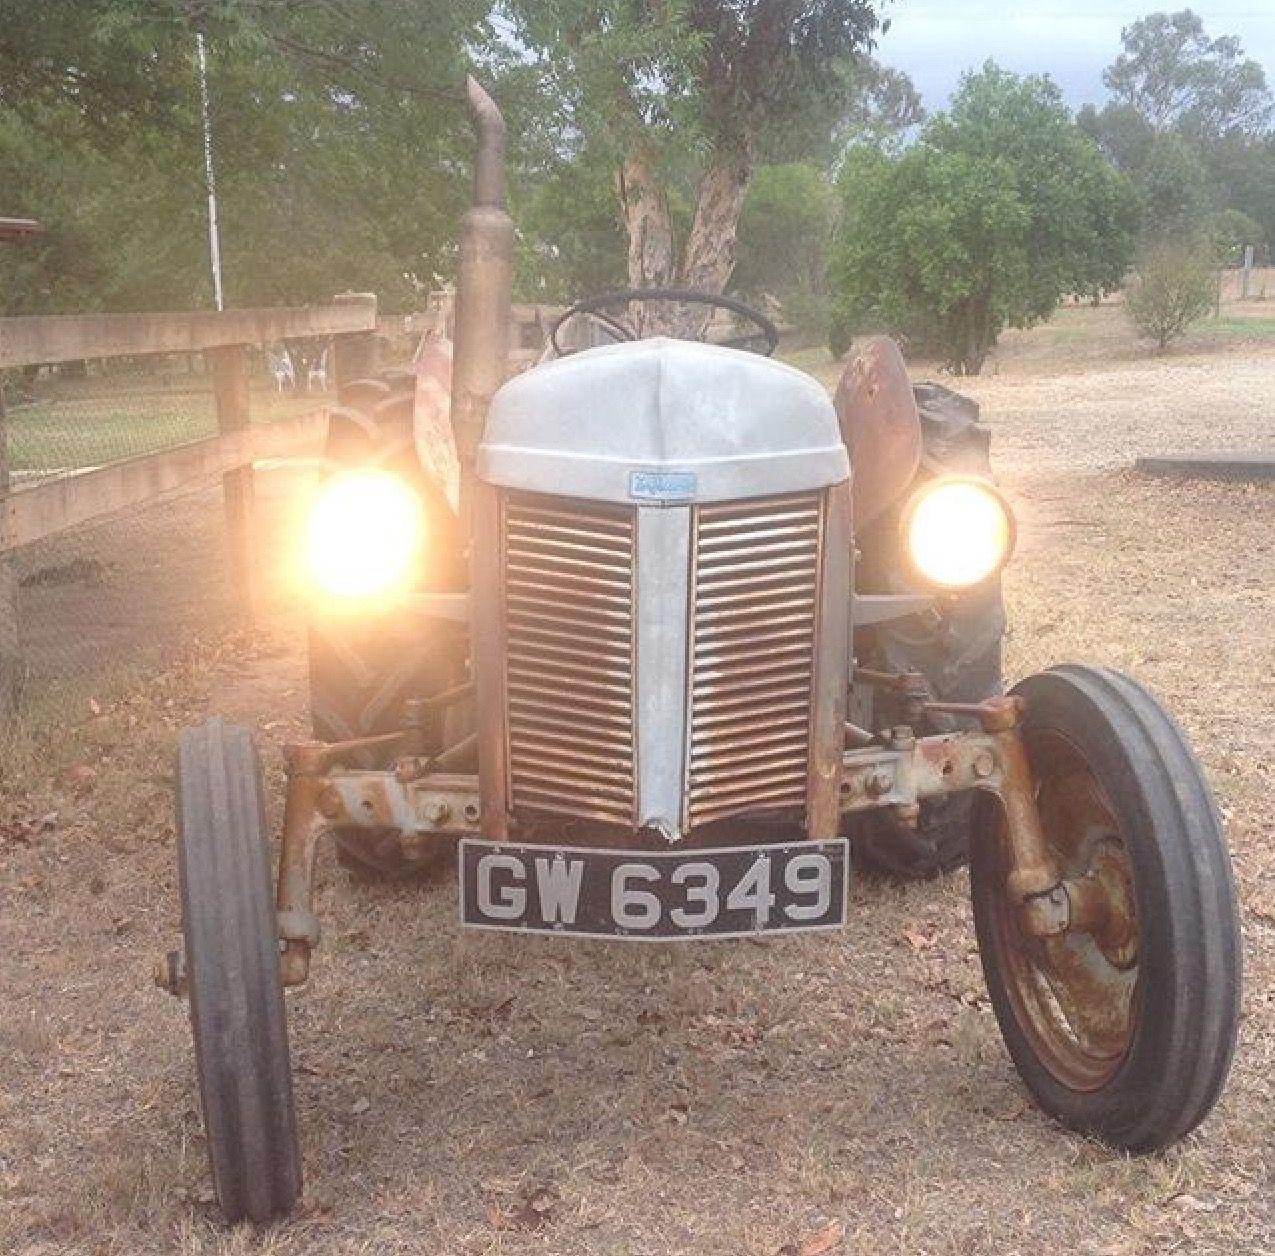 1952 Tea20 Ferguson Tractor Lights On Tractor Lights Old Tractors Tractors